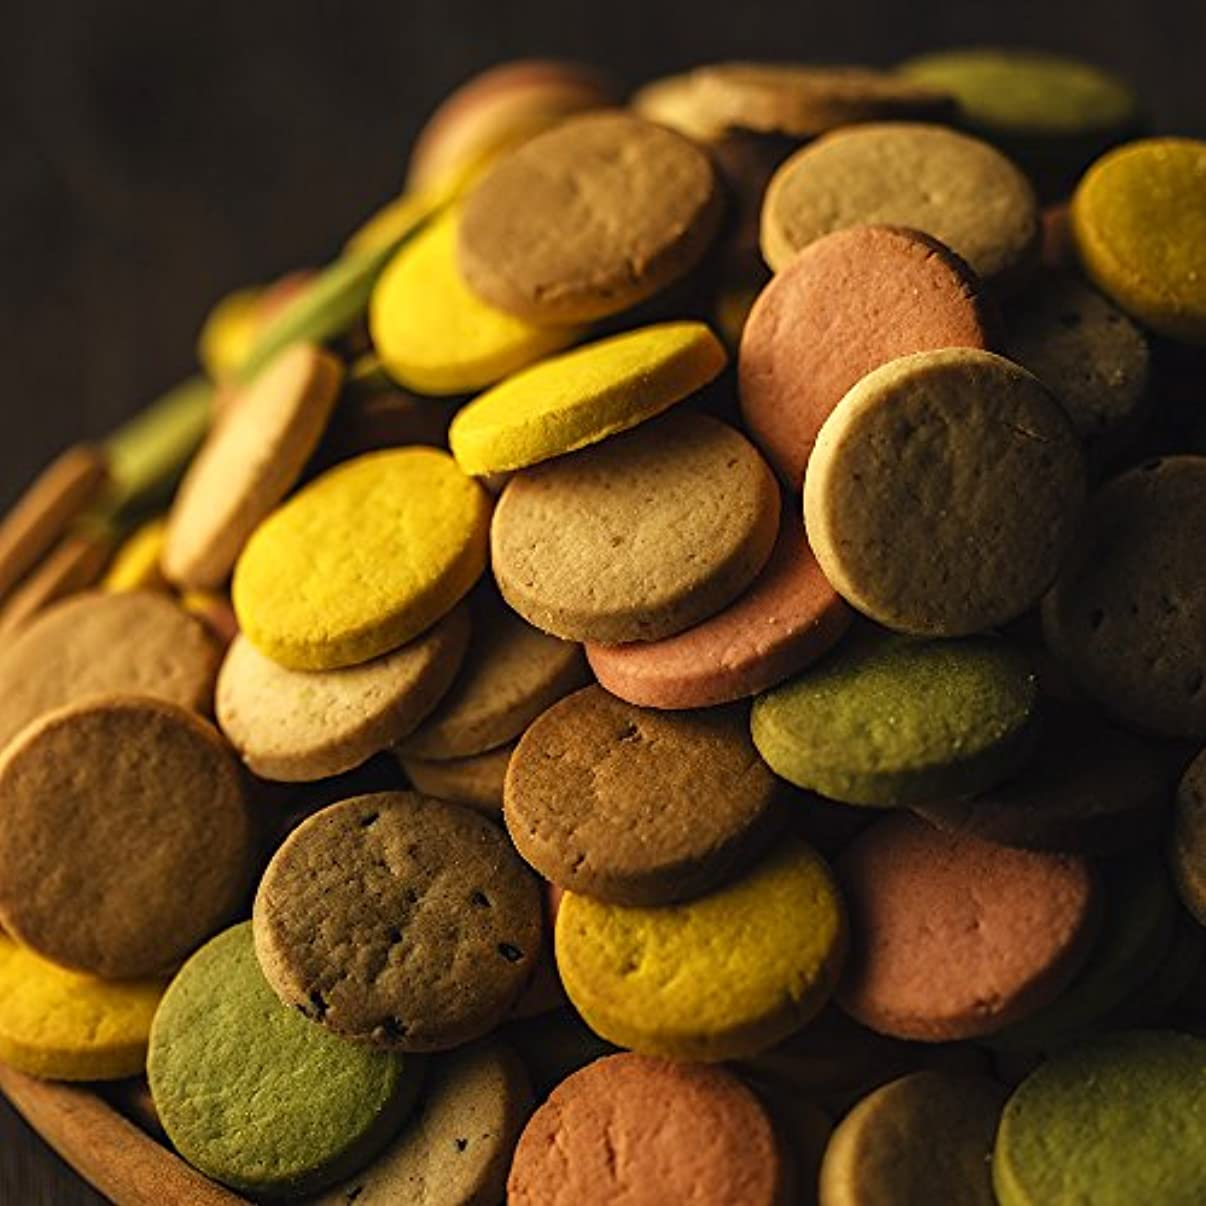 赤字補償外側豆乳おからクッキー蒟蒻マンナン入り 1kg